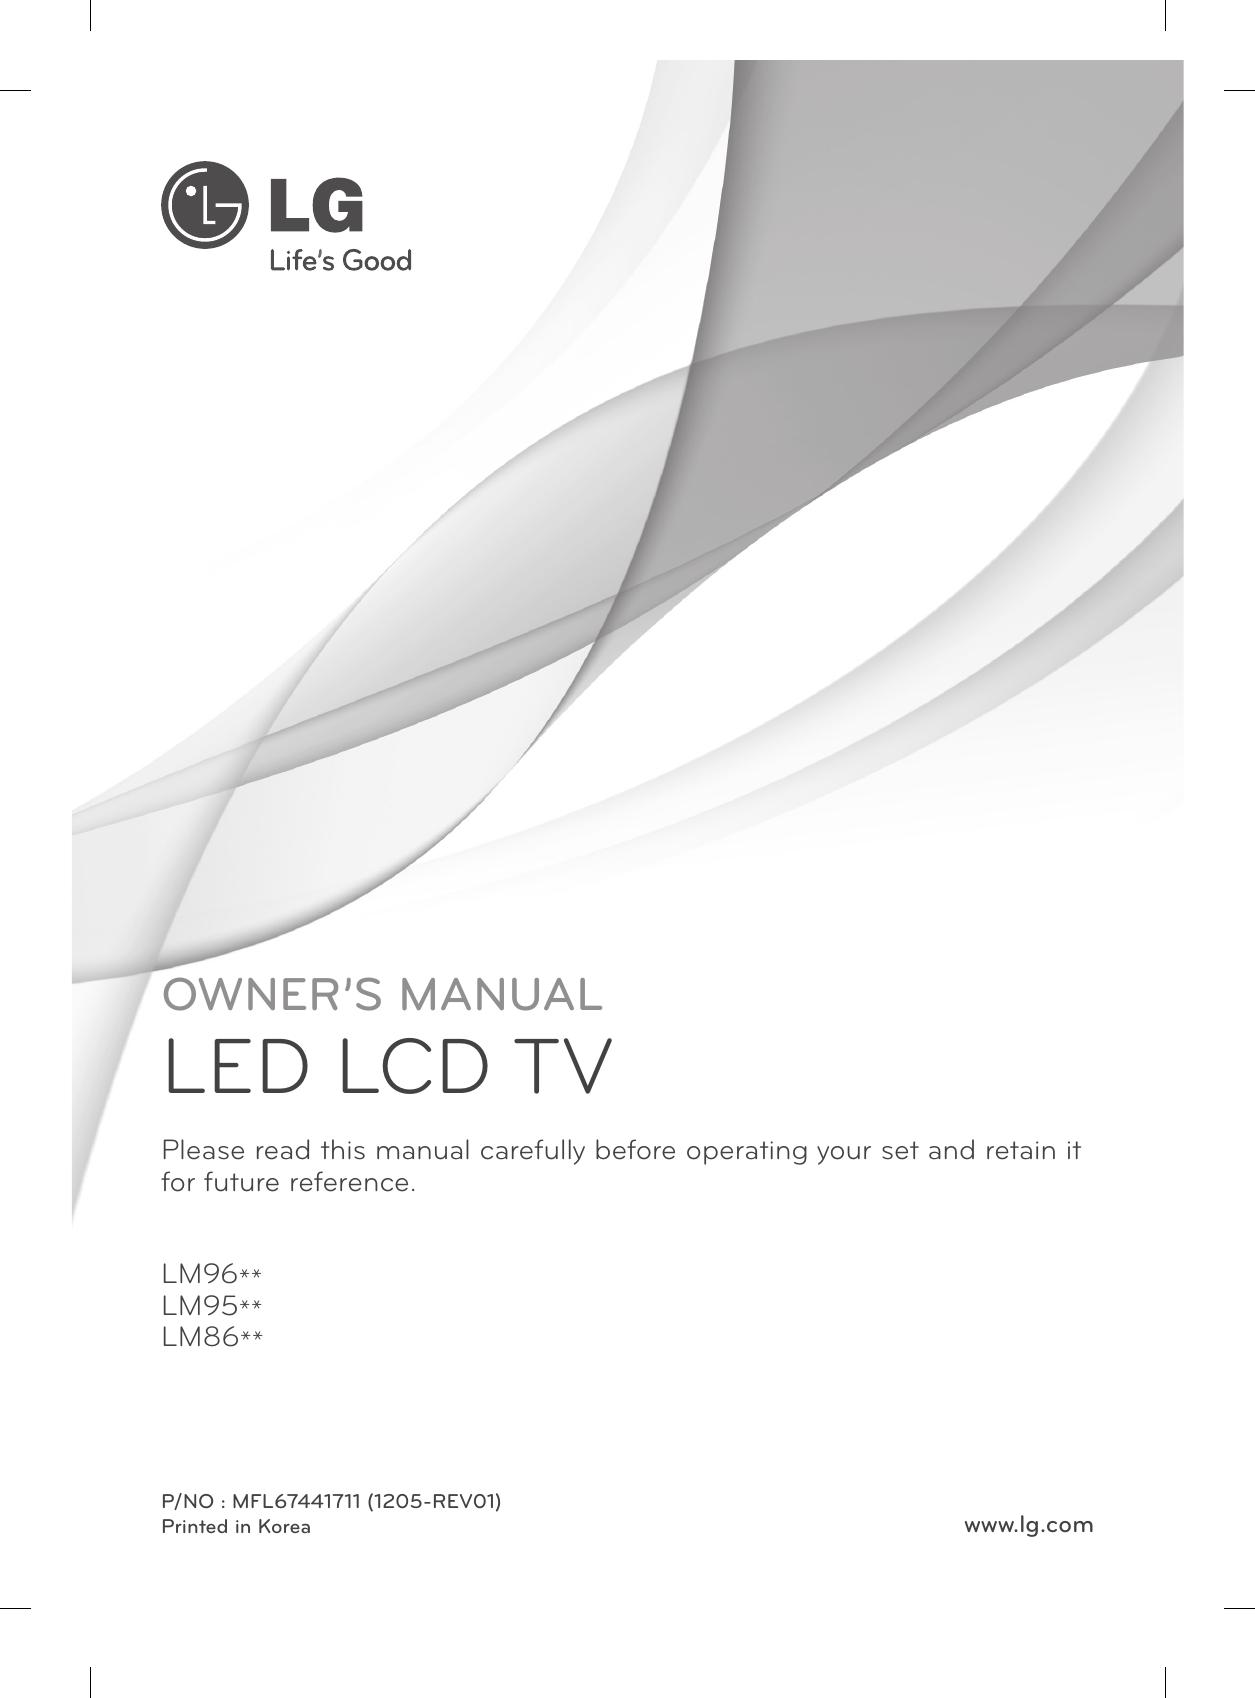 Lg 47lm960v Users Manual Mfl67441711 A 0 Recherche Pot Pro Circuit Pour 85 Yz